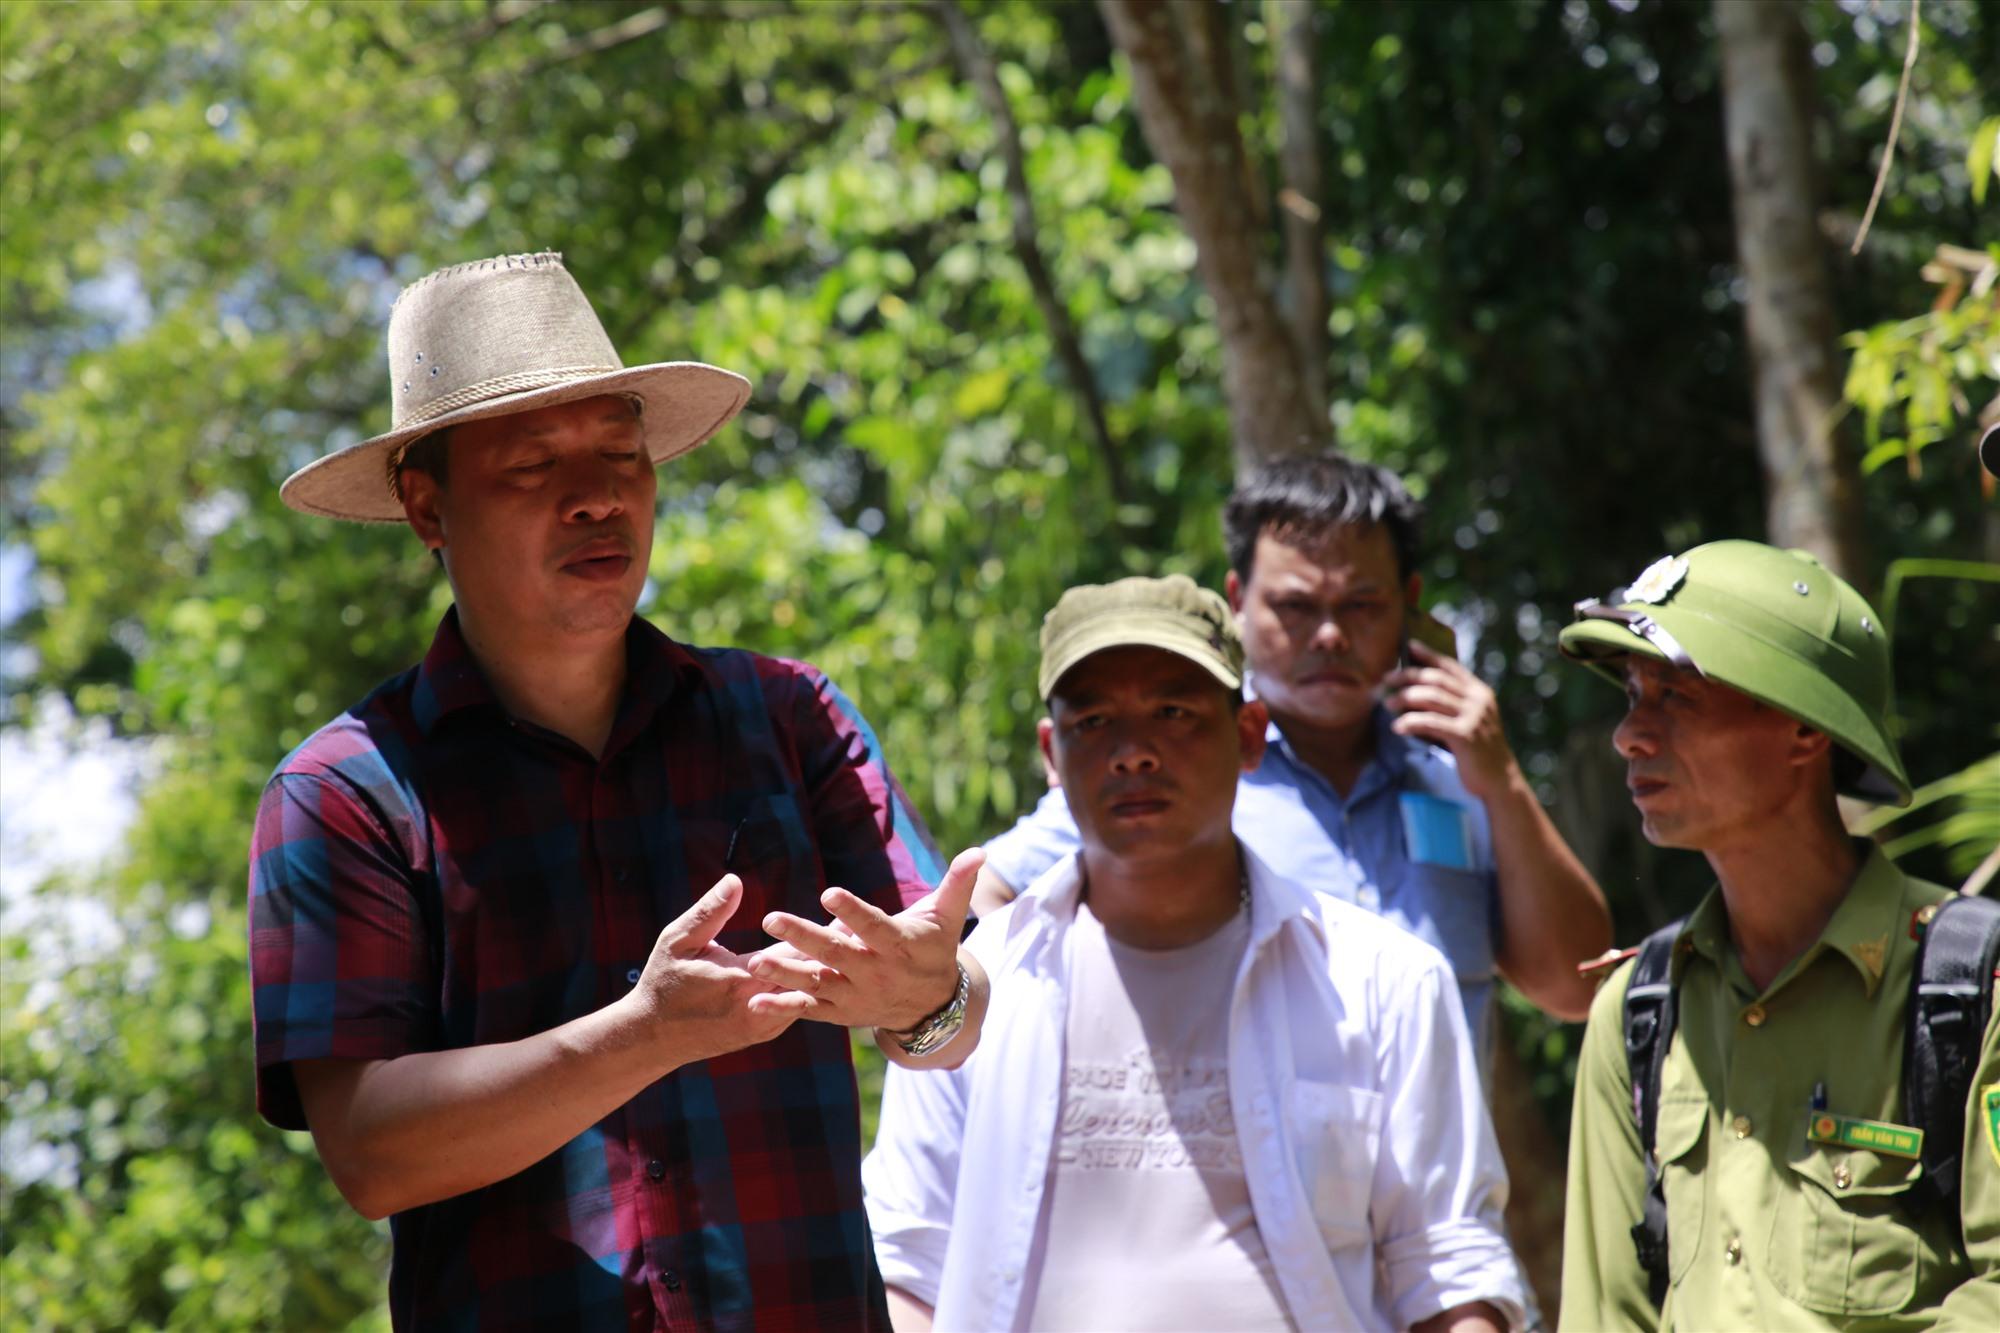 Phó Chủ tịch UBND tỉnh Hồ Quang Bửu yêu cầu các ngành khẩn trương vào cuộc điều tra, xử lý nghiêm vi phạm, đồng thời tăng cường công tác tuyên truyền pháp luật để người dân không tái diễn vi phạm. Ảnh: T.C